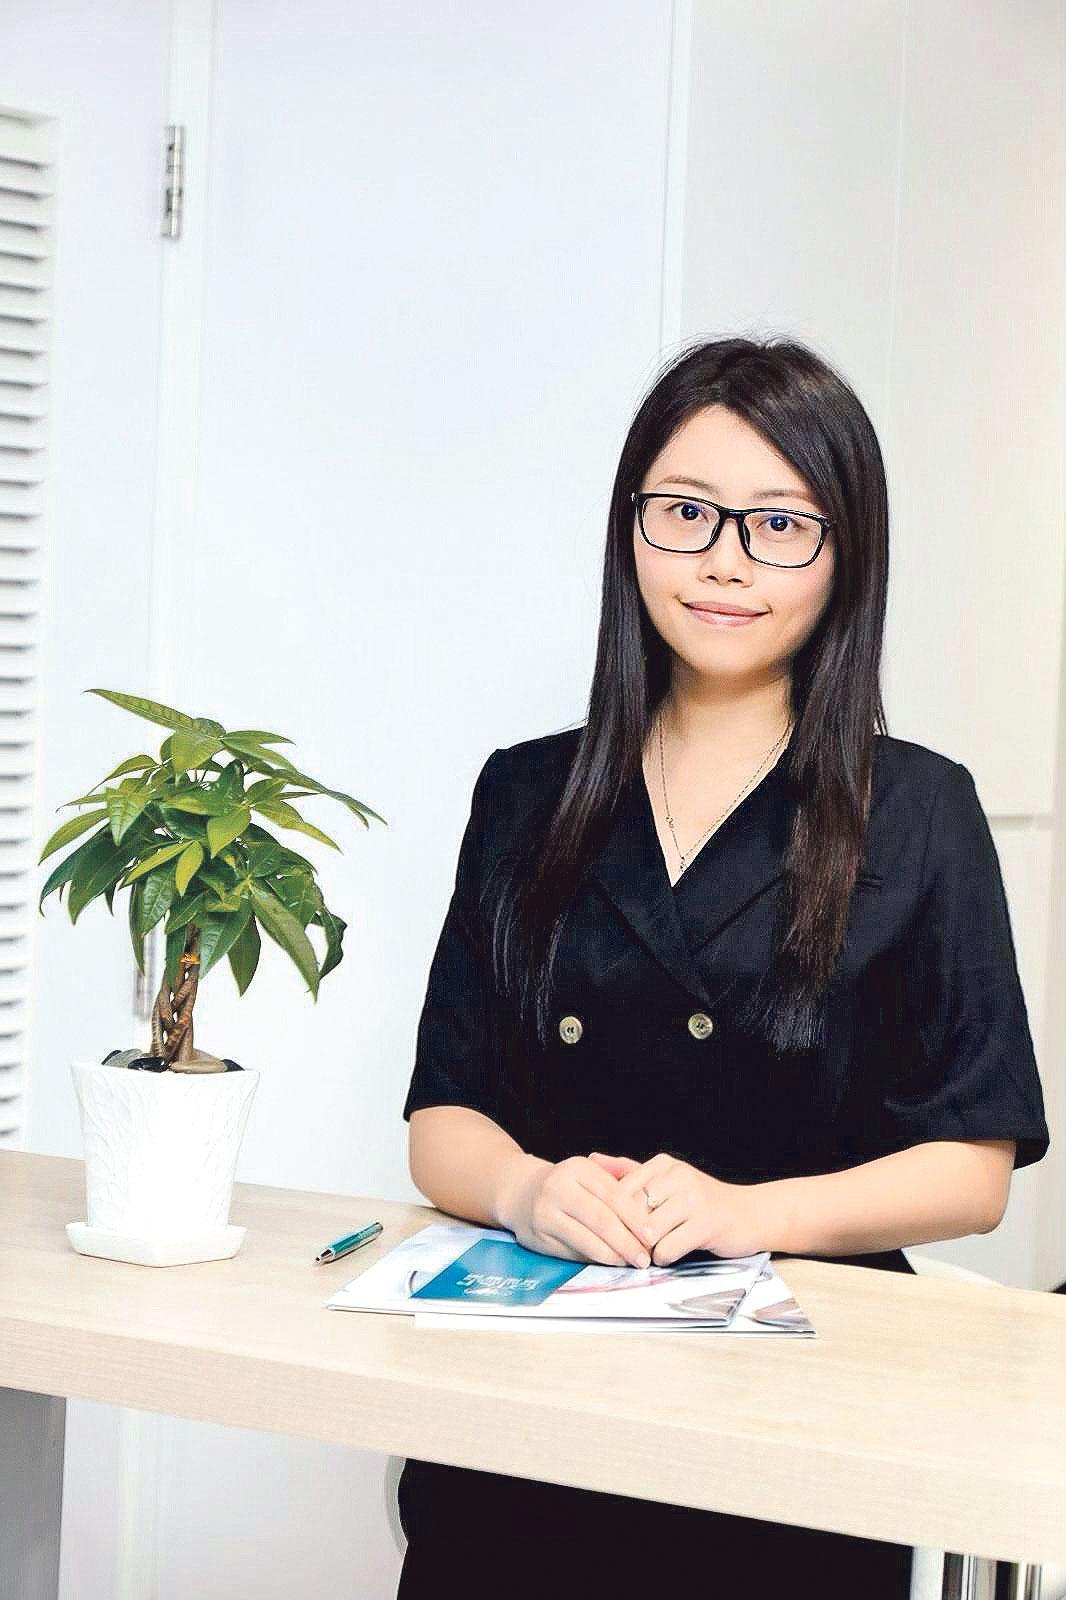 領康醫療人力資源主管林祖賢(Erica)